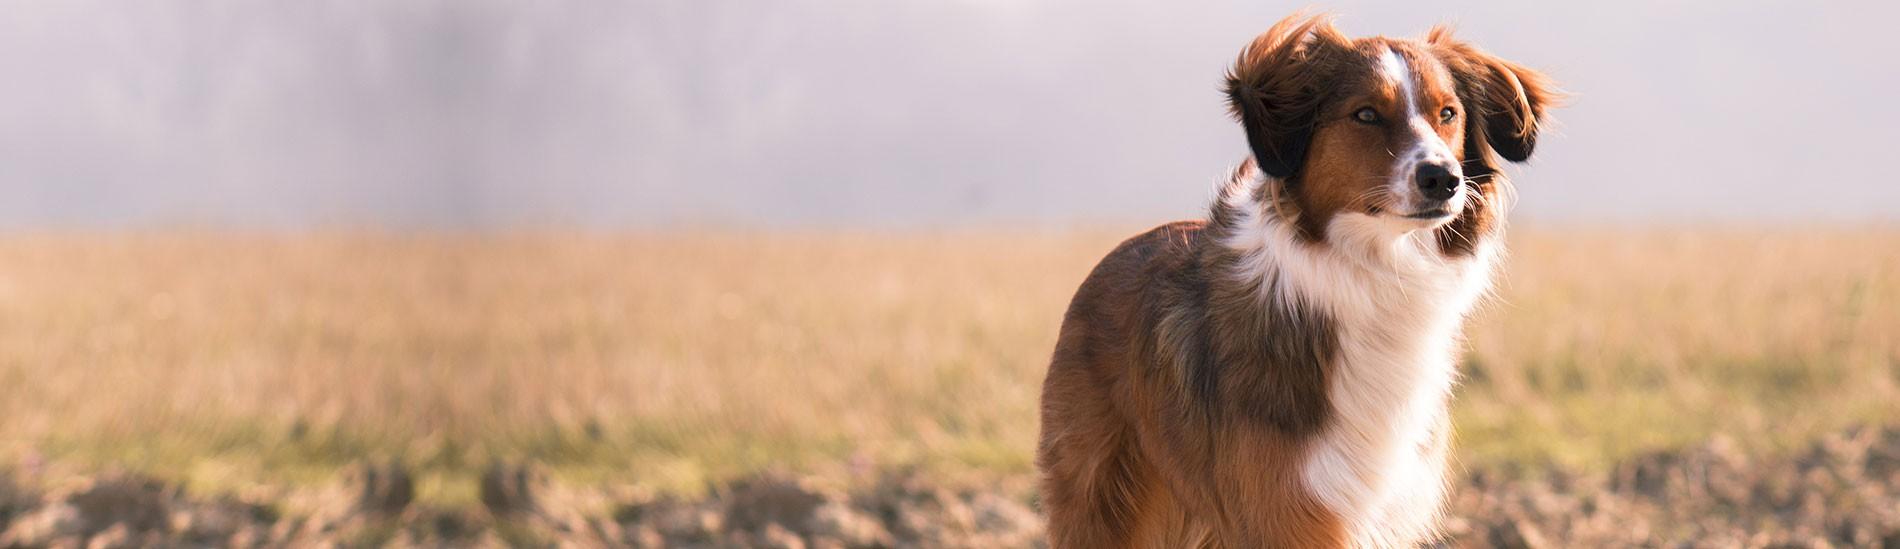 Importateur & grossiste pour nourriture et accessoires pour animaux de compagnie Nourriture chien & chat